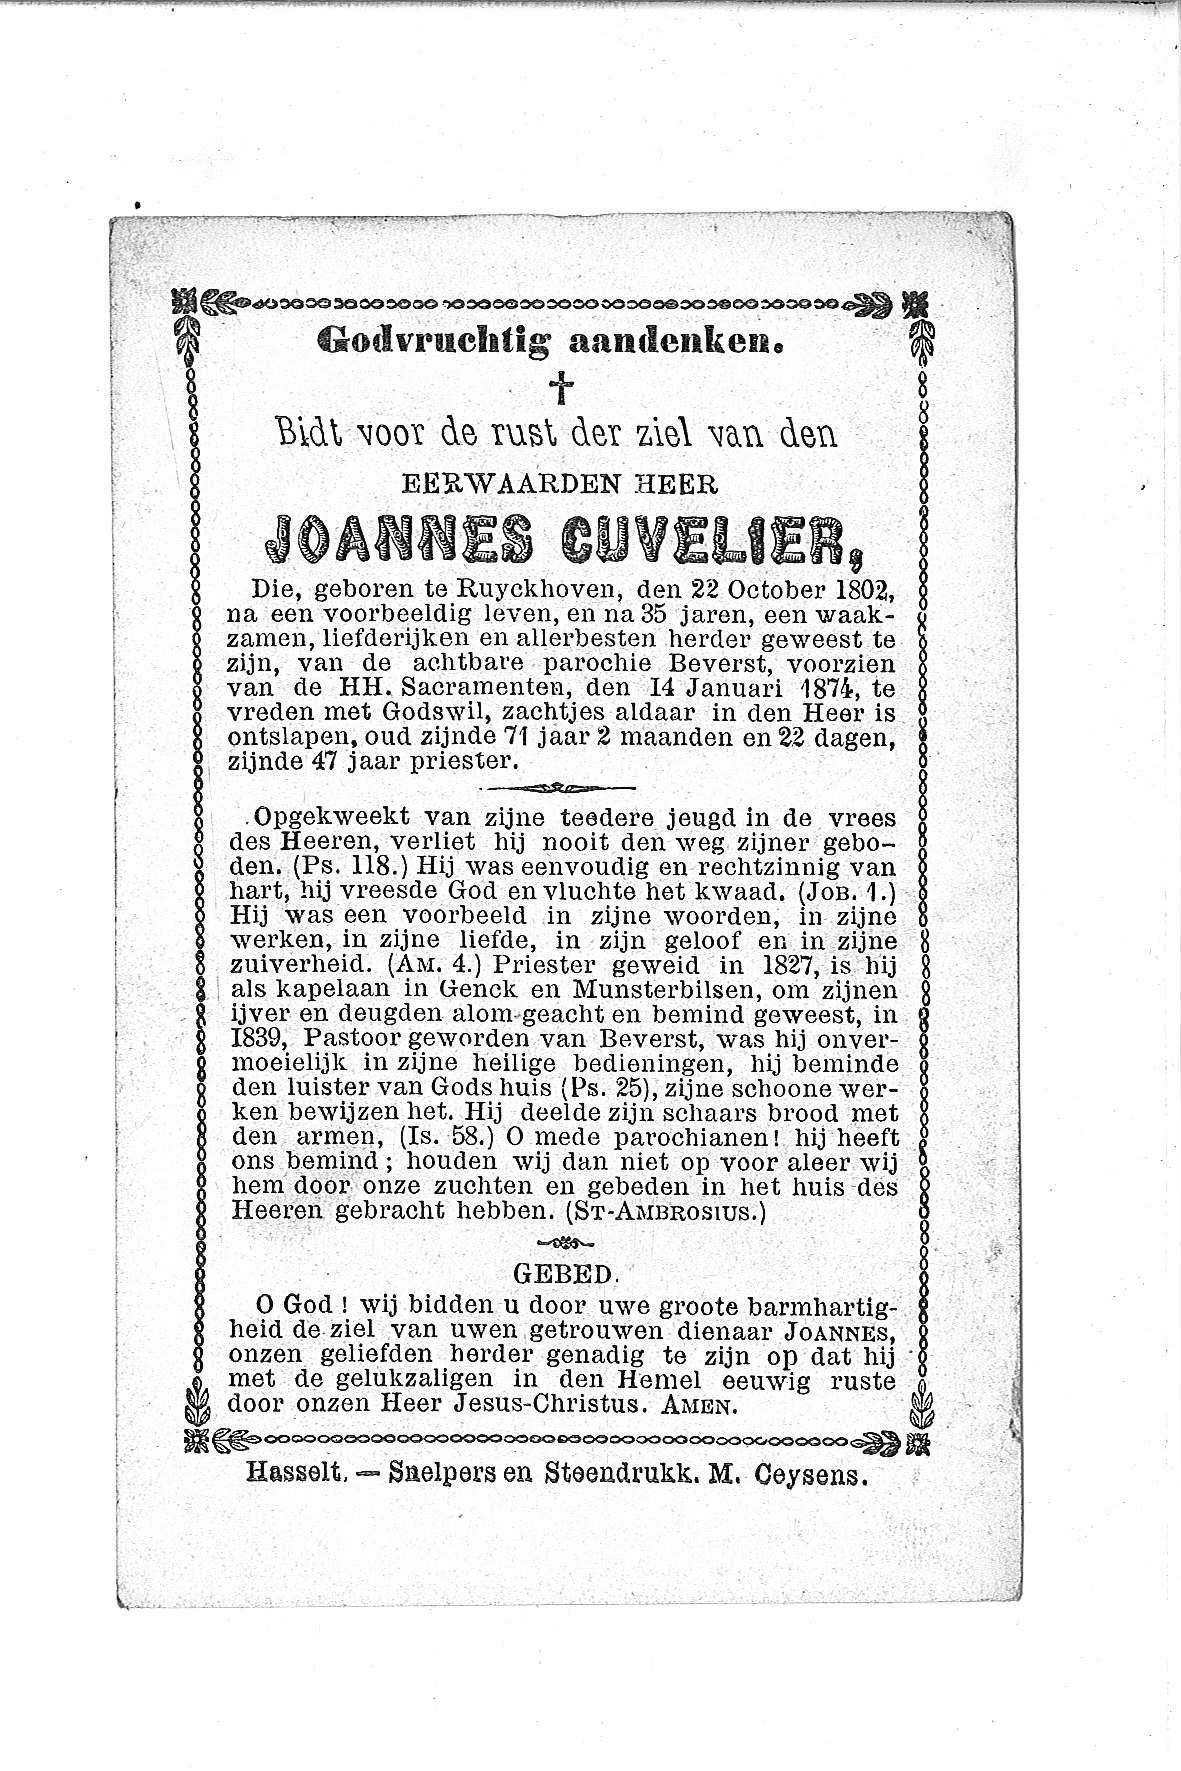 joannes(1874)20120329074916_00033.jpg